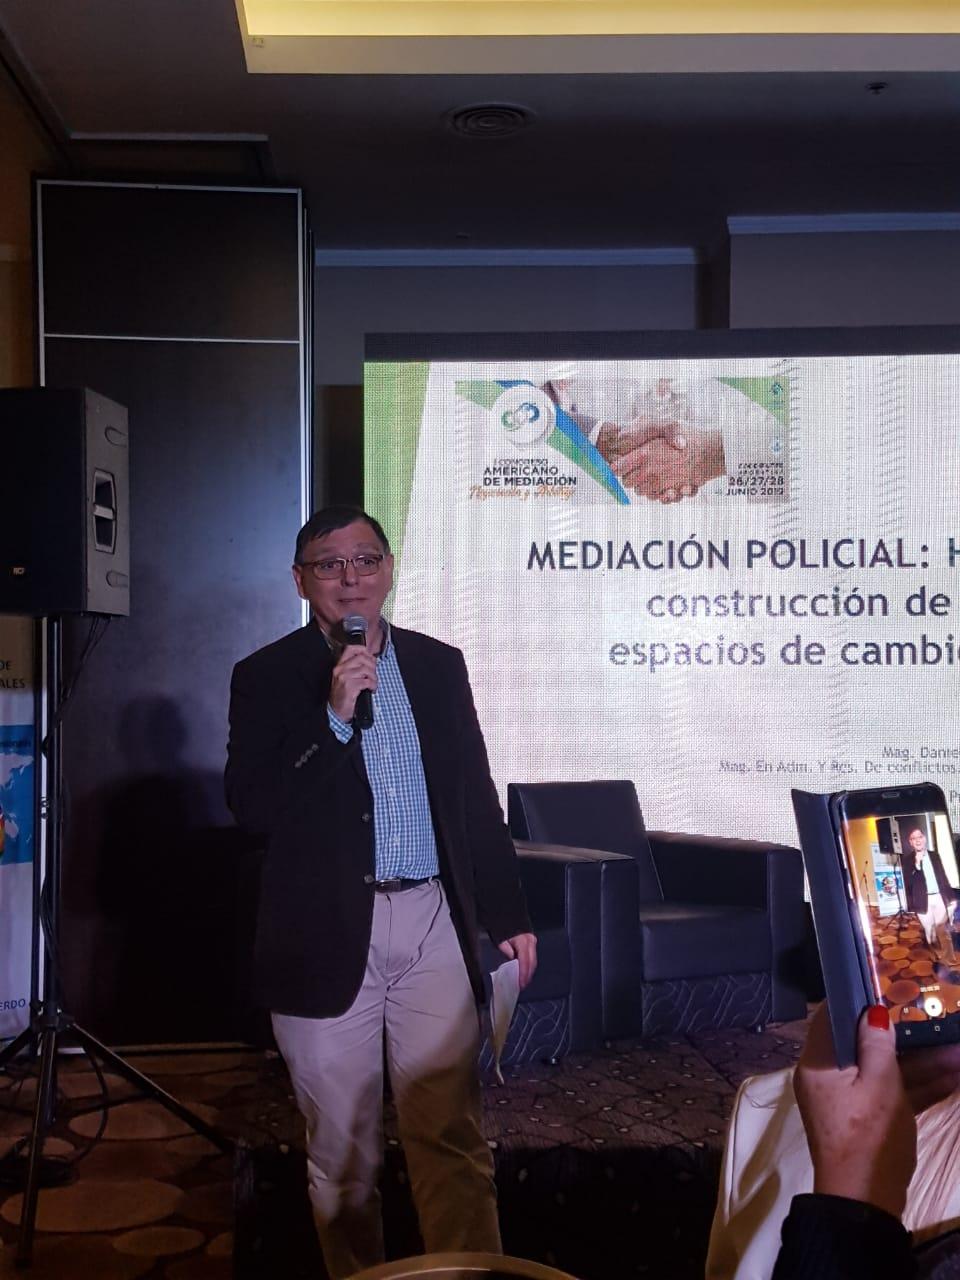 Mediación Policial: hacia la construcción de nuevos espacios de cambio social.